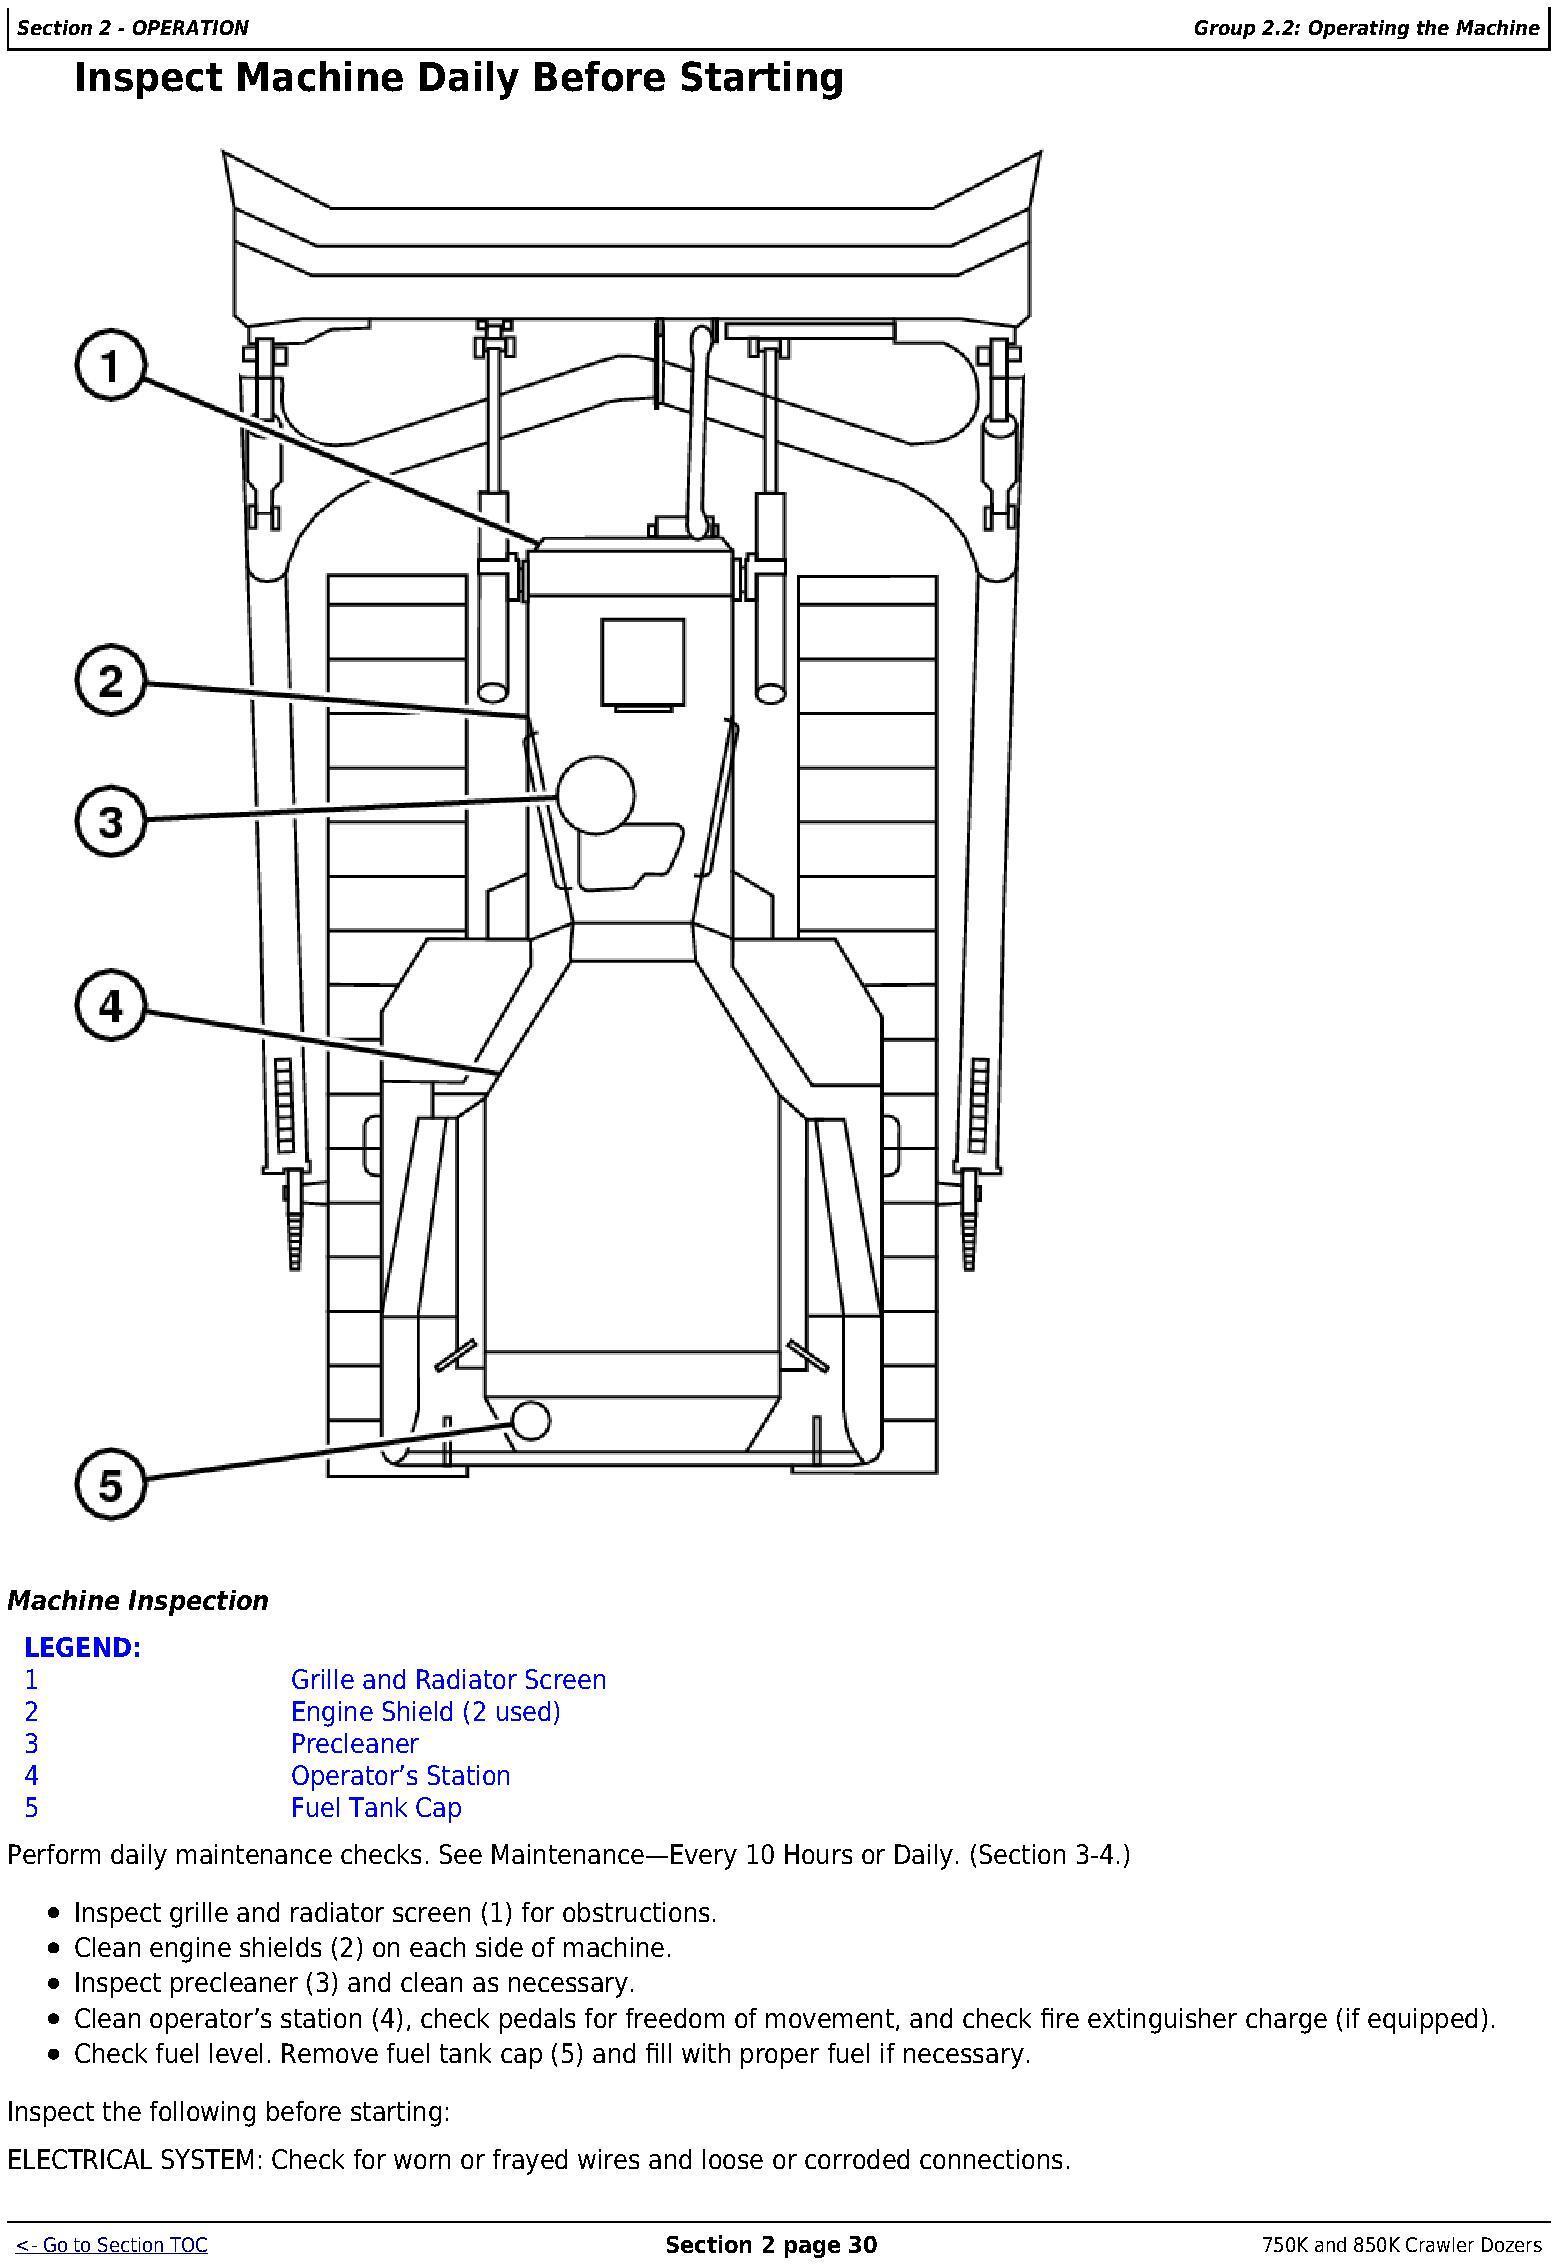 OMT355293X19 - John Deere 750K (SN. F271593-), 850K (SN. F271510-) Crawler Dozers Operator's Manual - 3